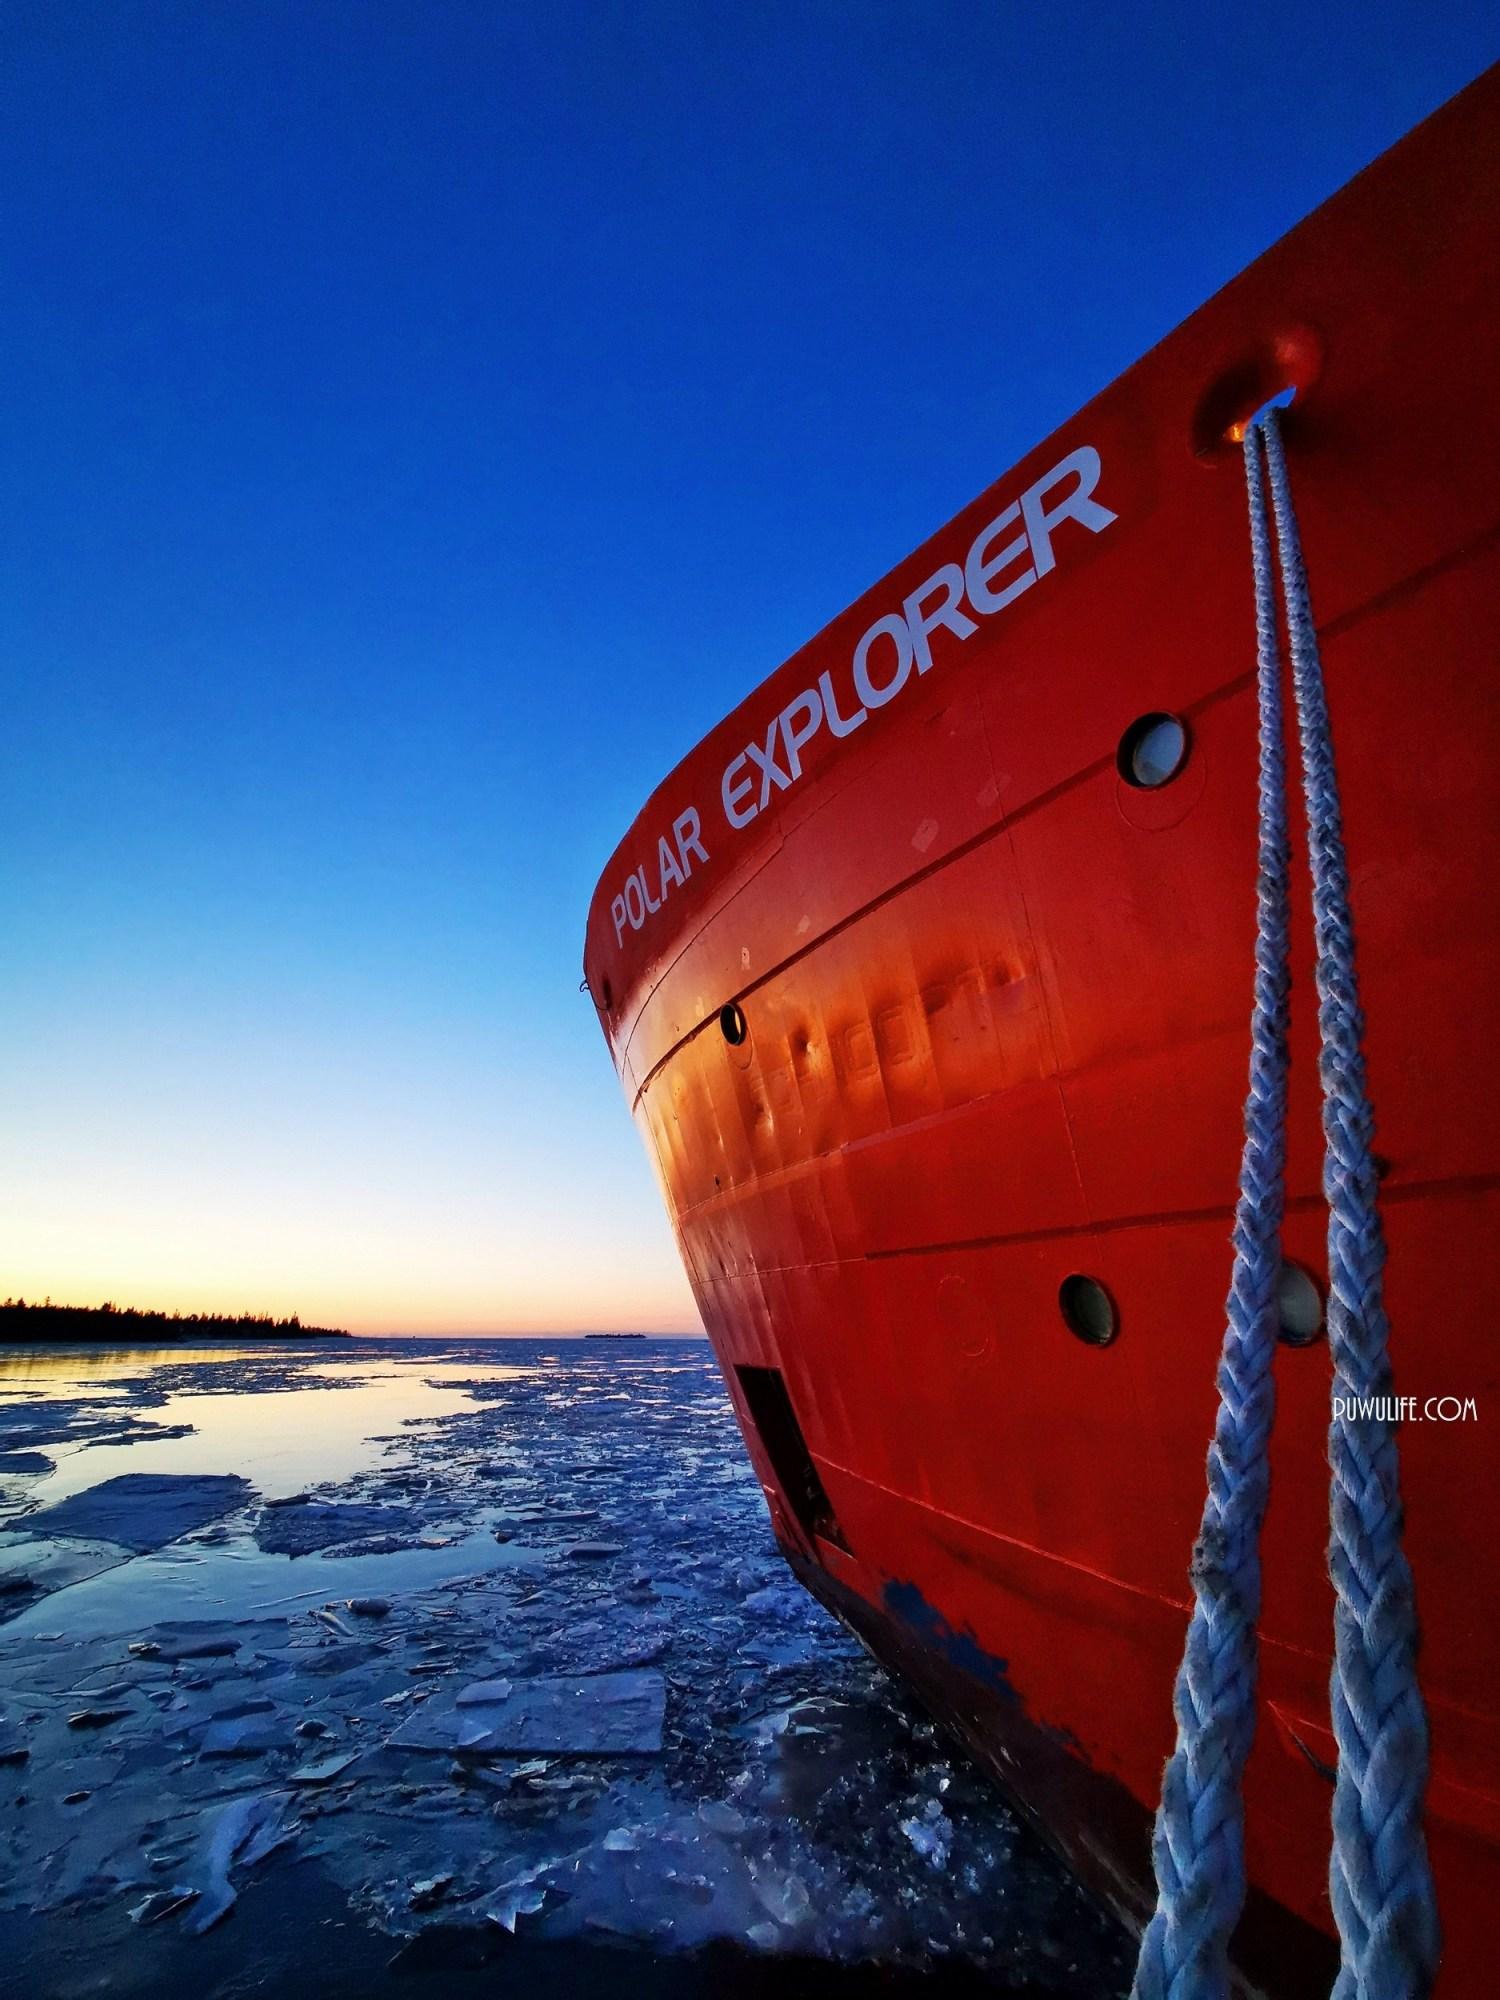 【芬蘭自由行】芬蘭極地破冰之旅 x 冰海漂浮.極地探險號破冰船 Polar Explorer Icebreaker